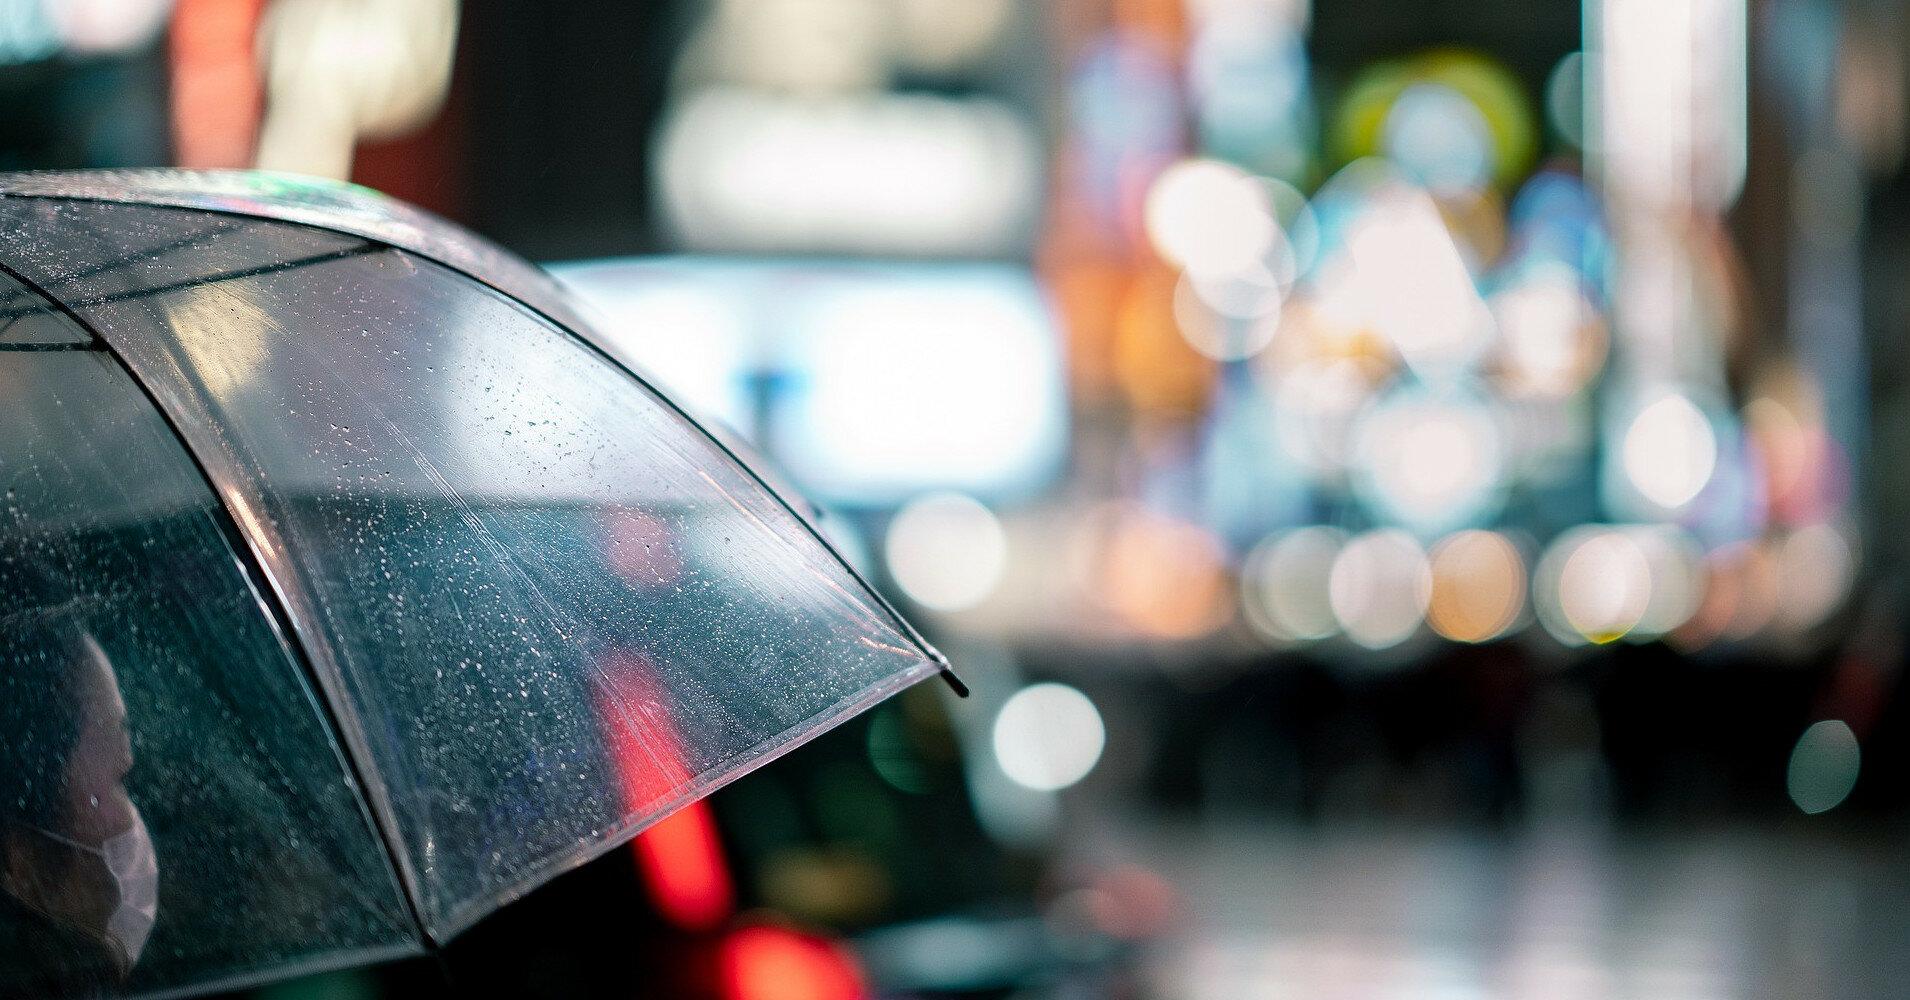 Дожди прекратятся, но не везде: прогноз погоды на пятницу